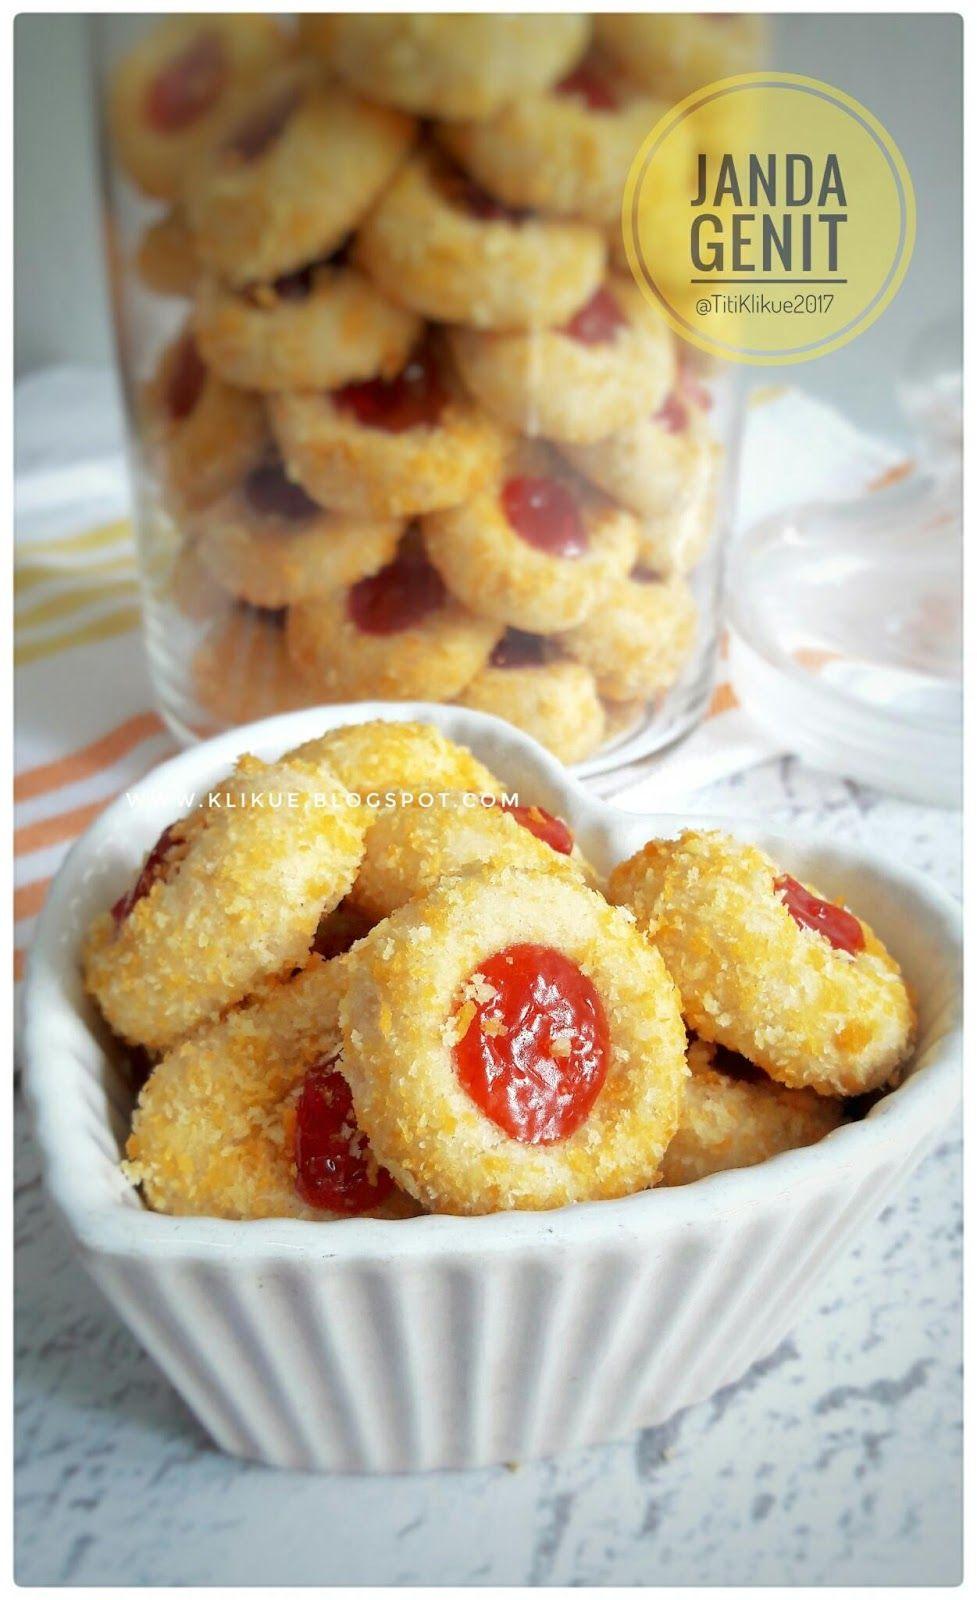 Bismillah Kuker Yang Lagi Nge Hits Di Ig Bualn Ramadhan Kemaren Janda Genit Pertama Lihat Postingannya Dap Yummy Cookies Cookie Recipes Berry Cookies